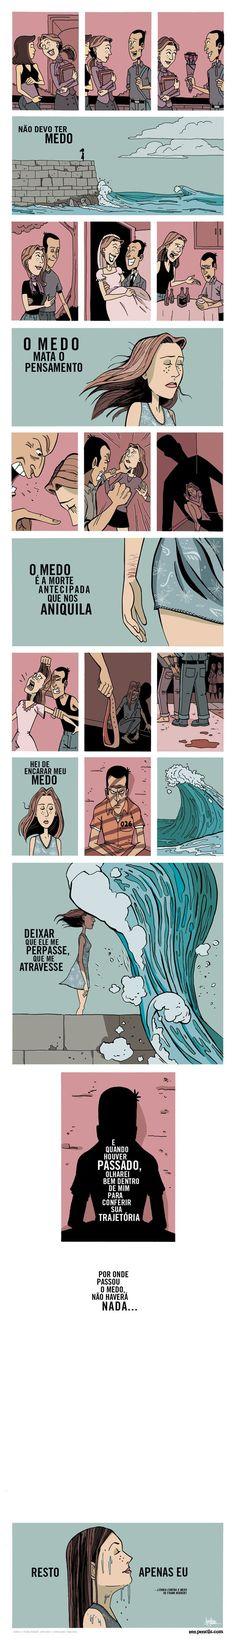 Satirinhas - Quadrinhos, tirinhas, curiosidades e muito mais! - Part 182